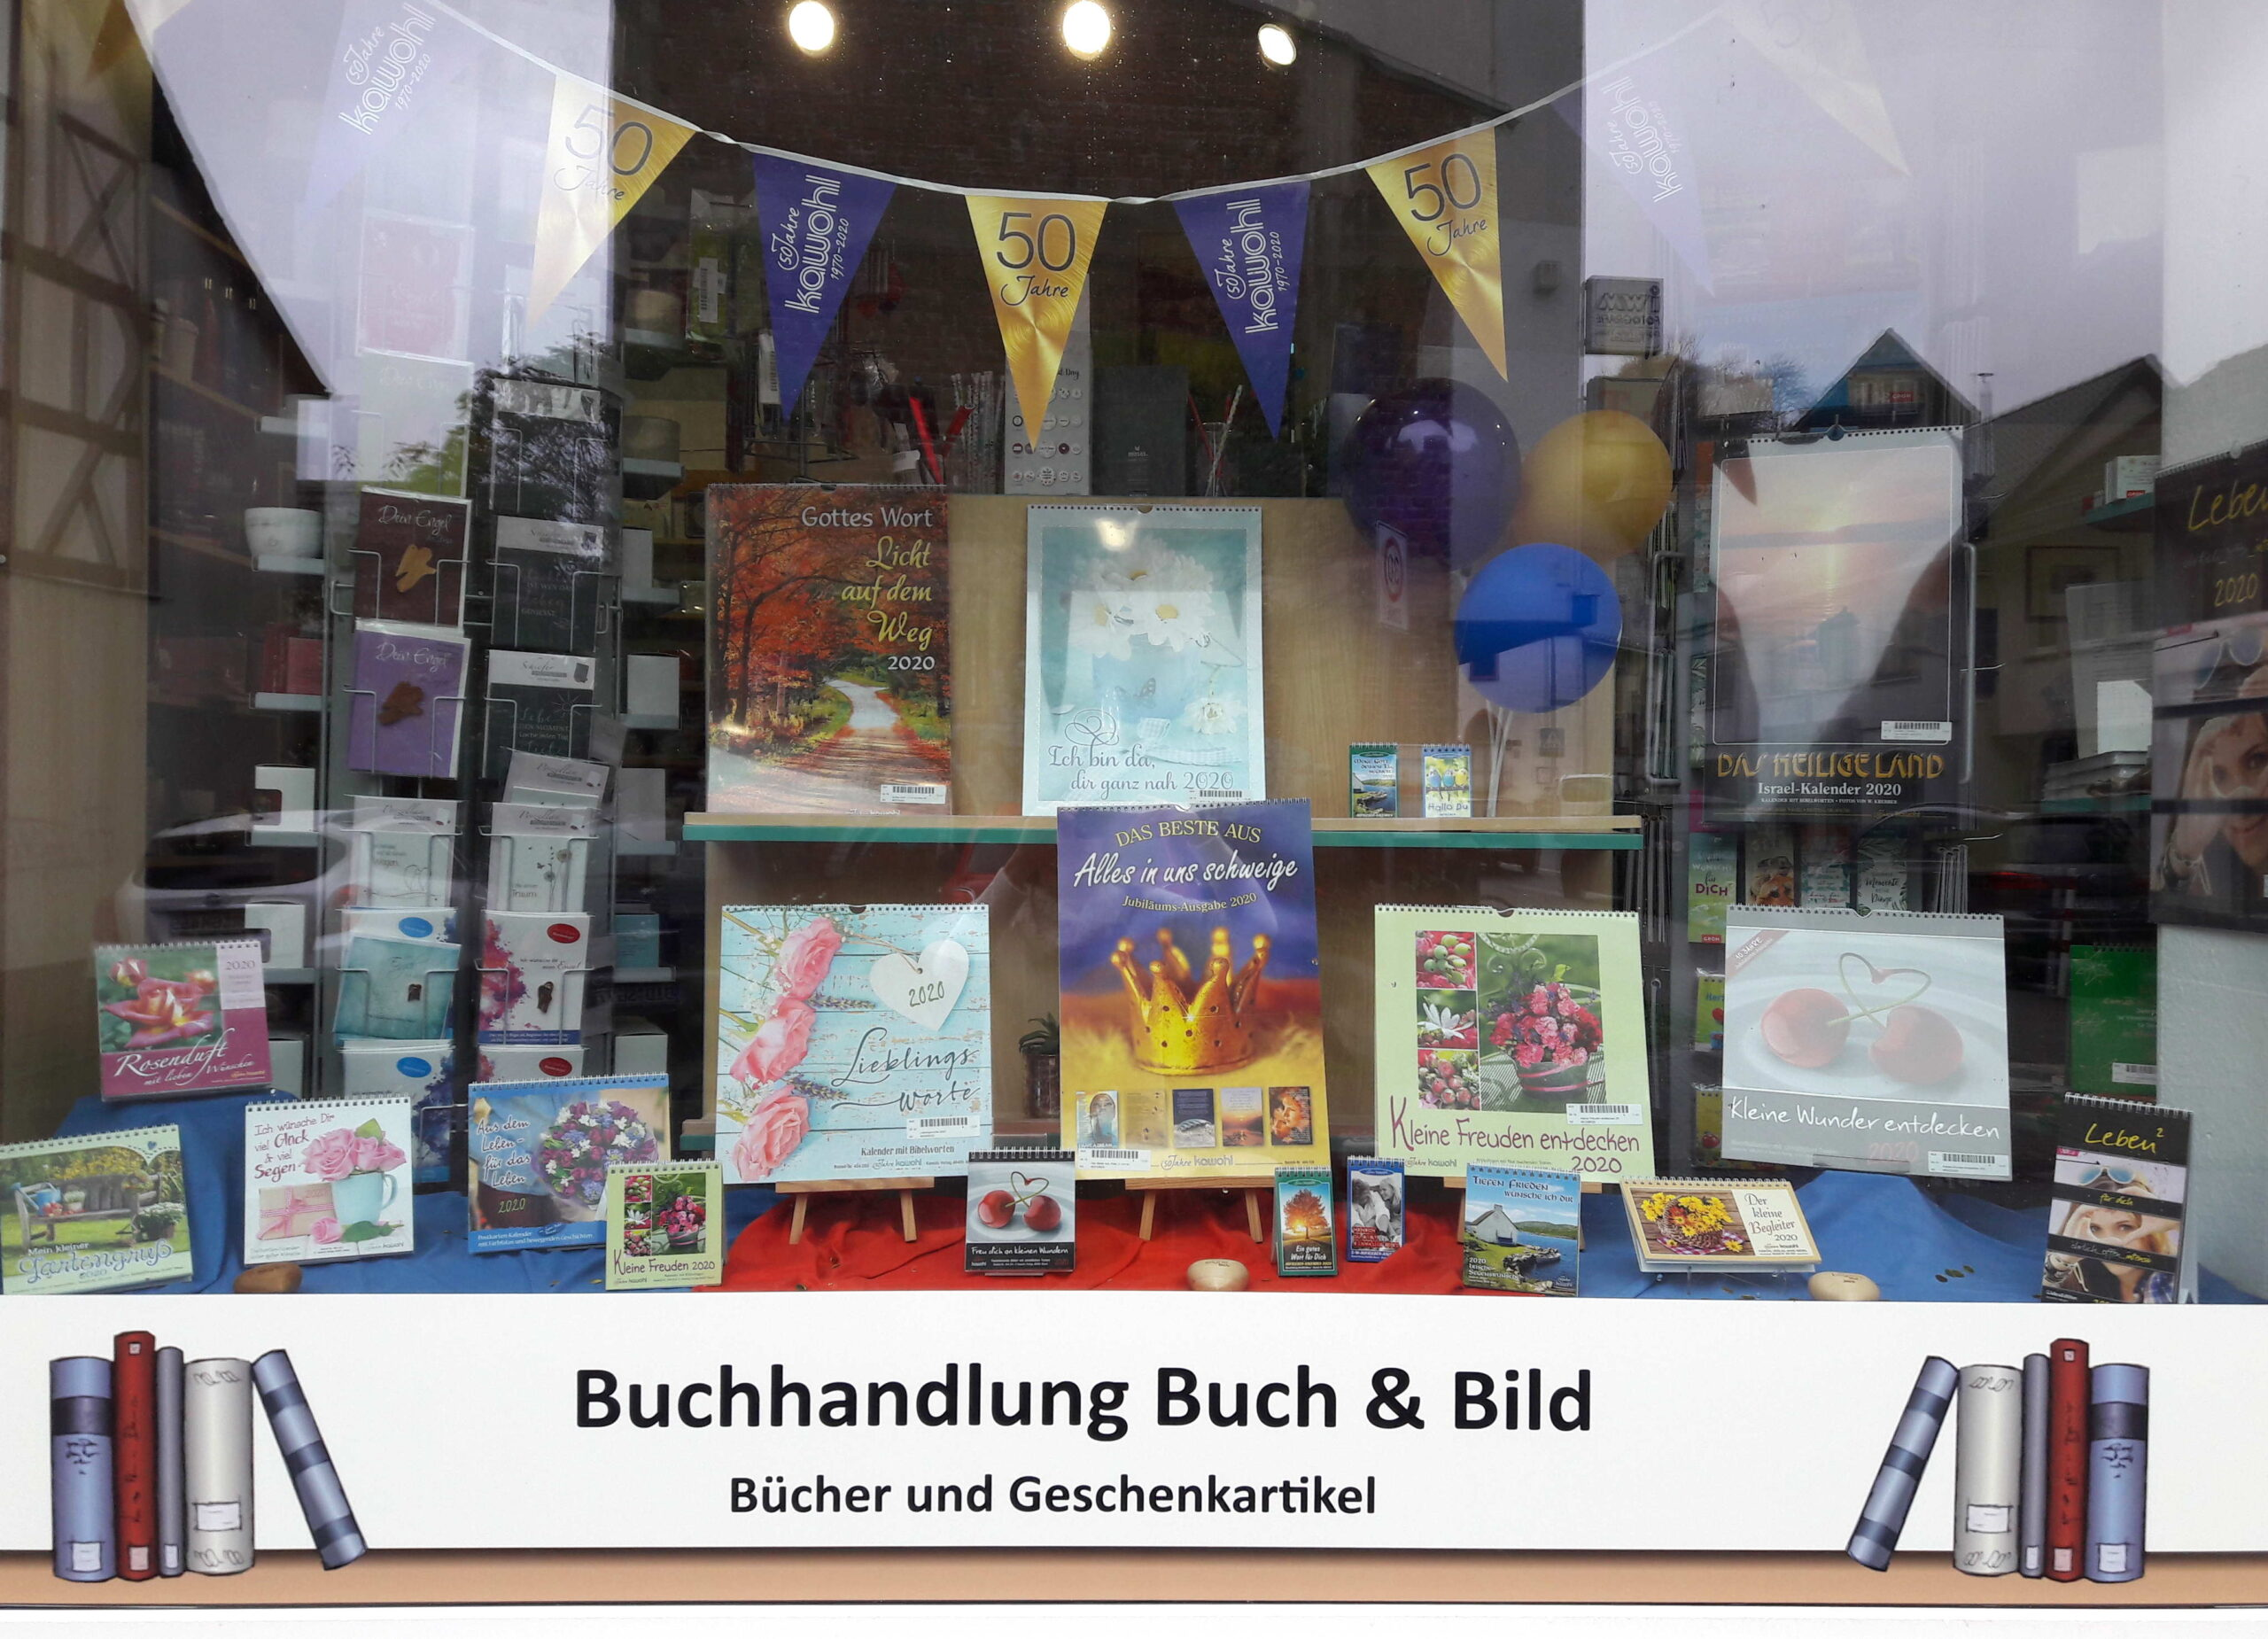 2020-07-01_5efc51a60c8ee_SchaufensterKawohlKalender